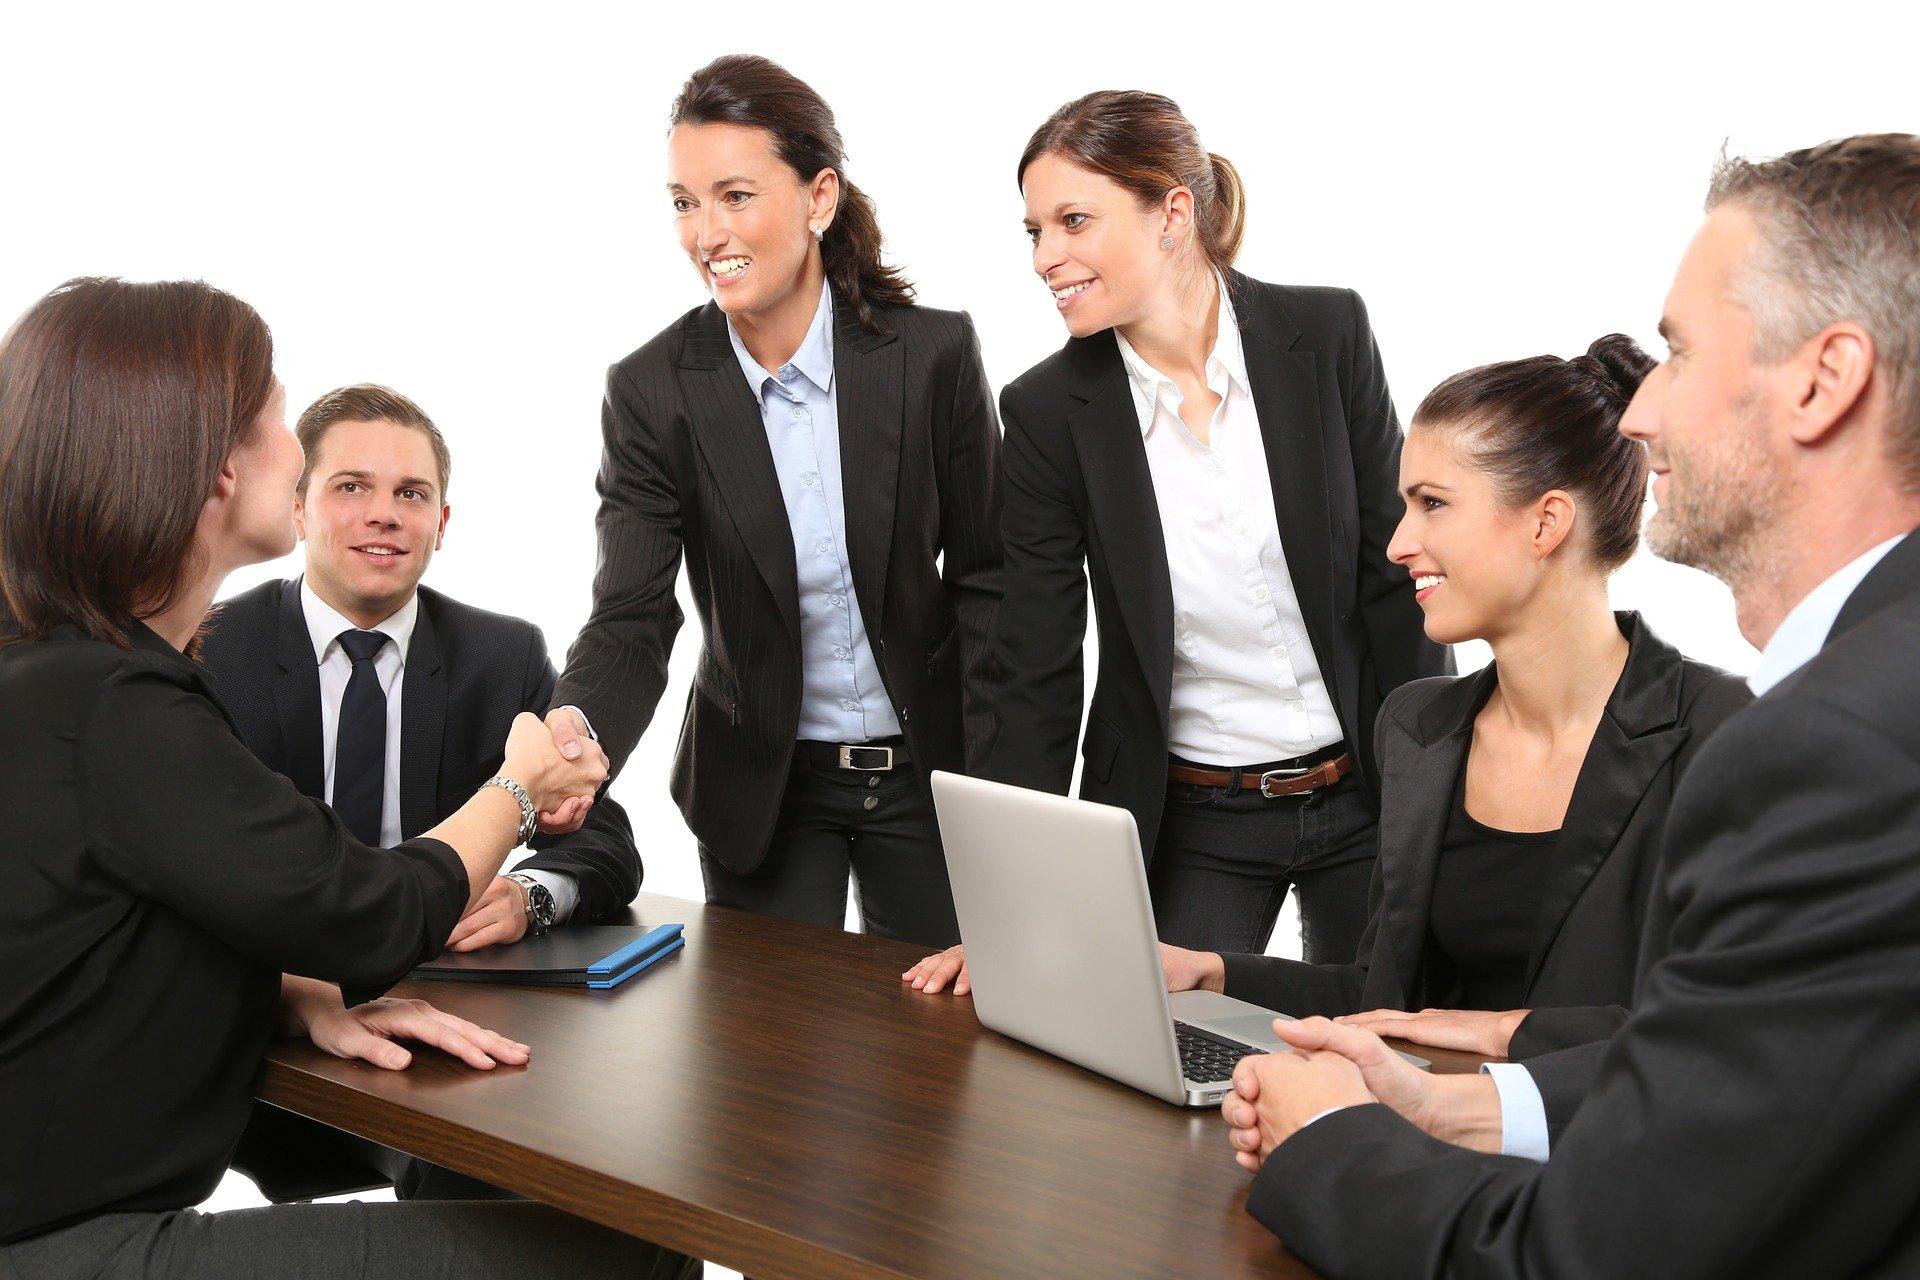 総合商社への転職を成功させる方法・適性のある人の特徴を7つ紹介!